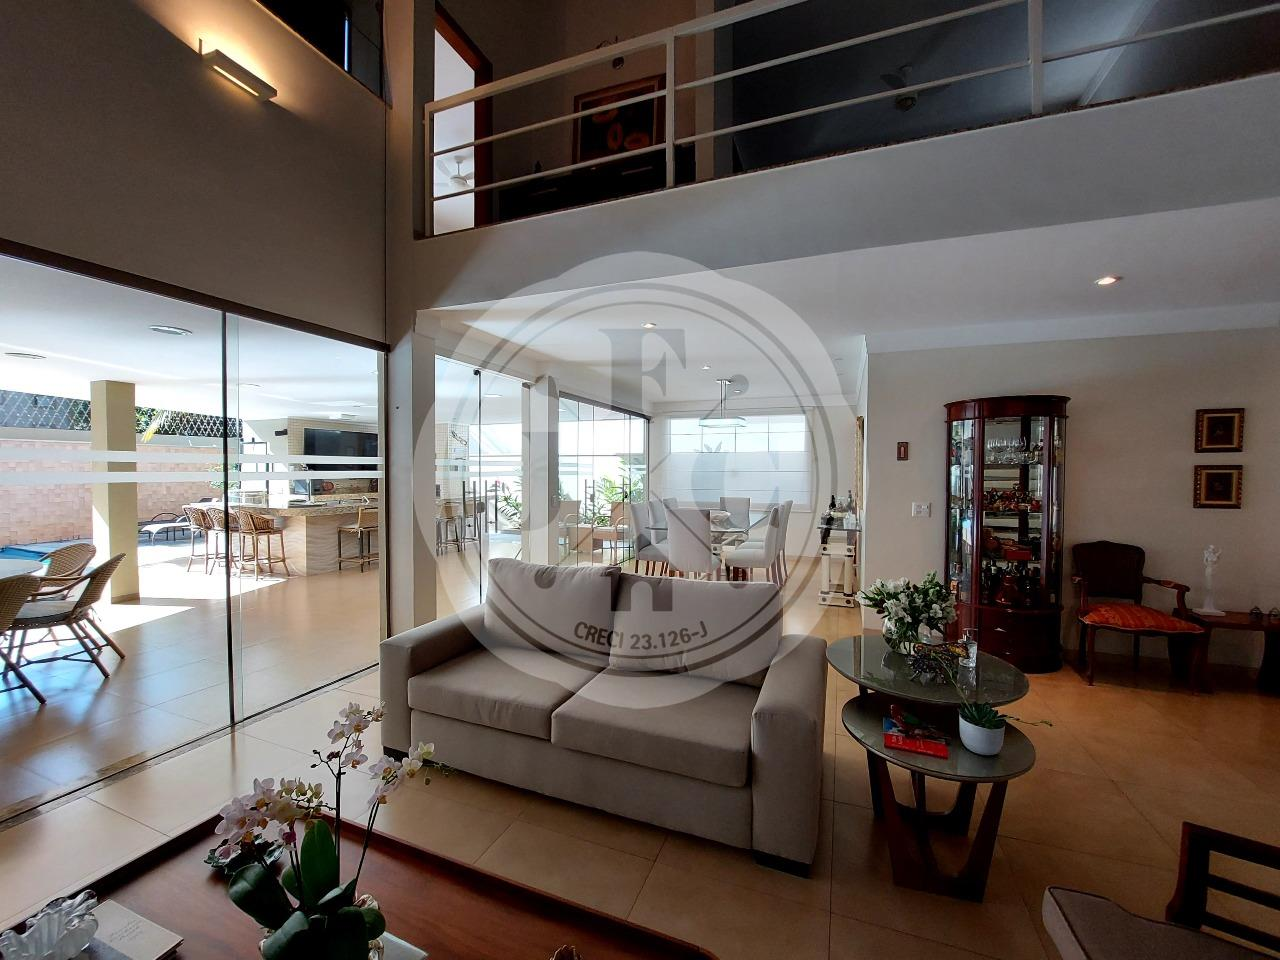 Casa alto padrão à venda em condomínio de alto padrão